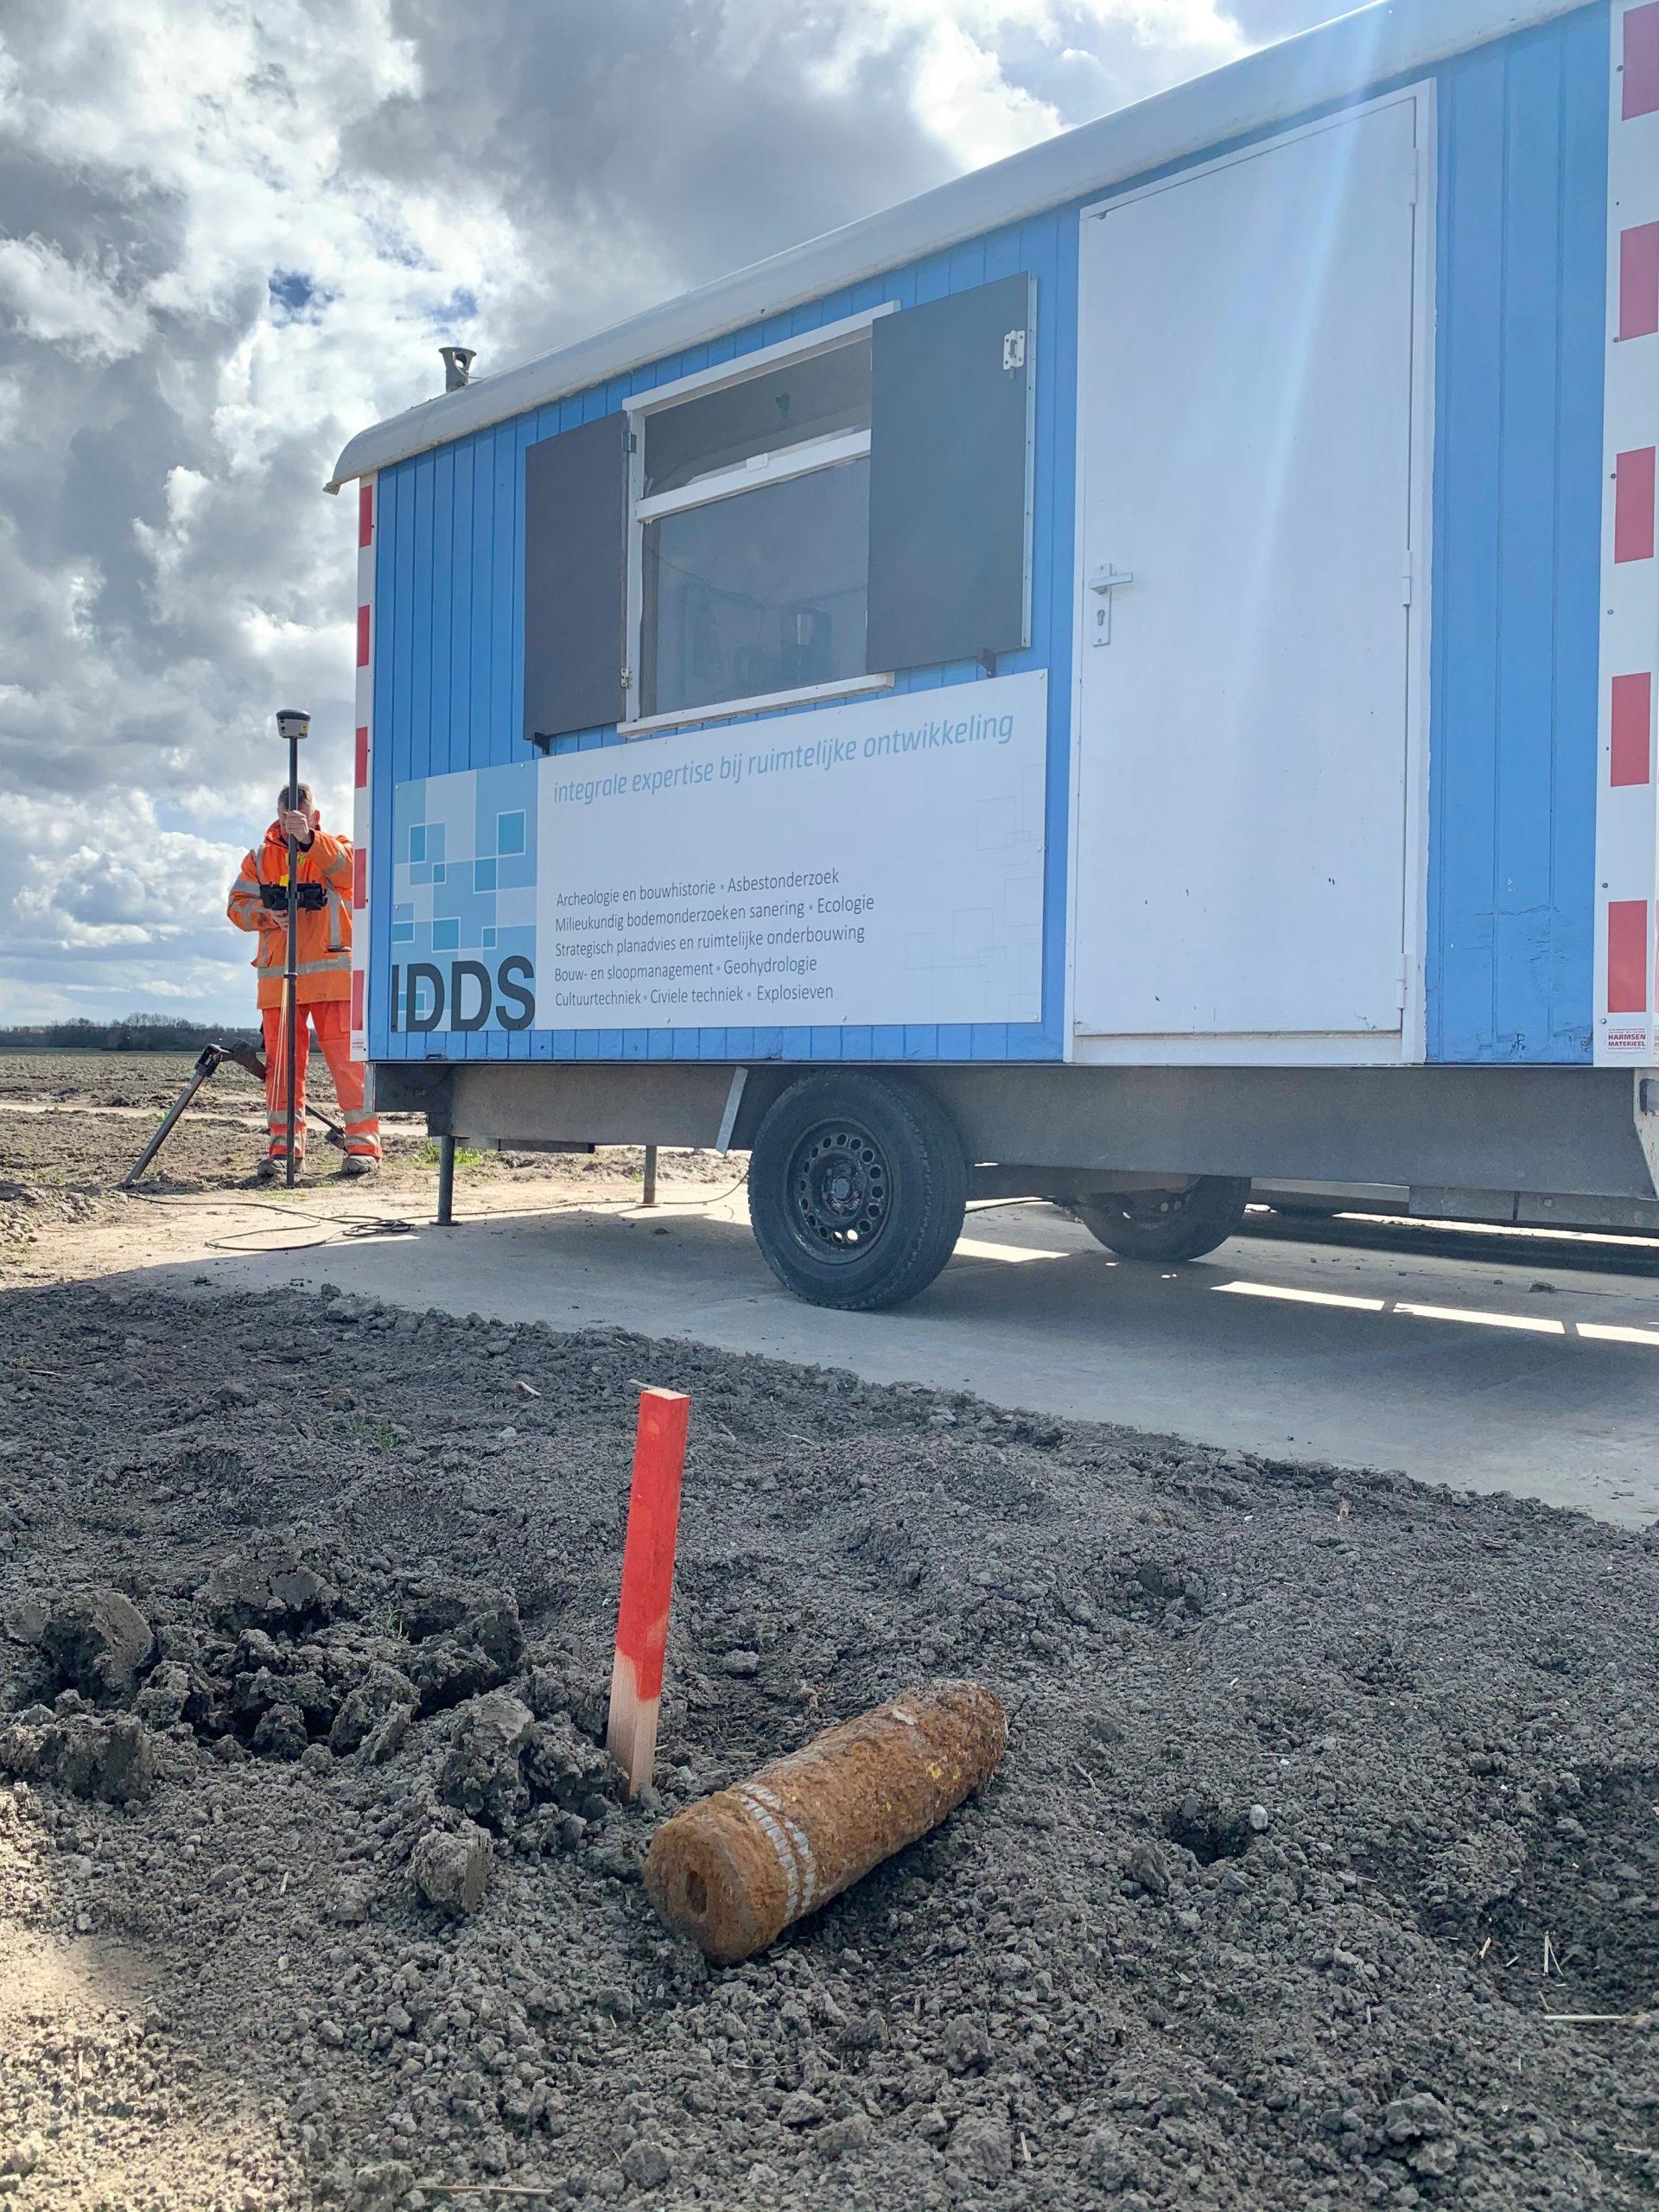 bouwkeet van IDDS met op de voorgrond een veiliggesteld explosief